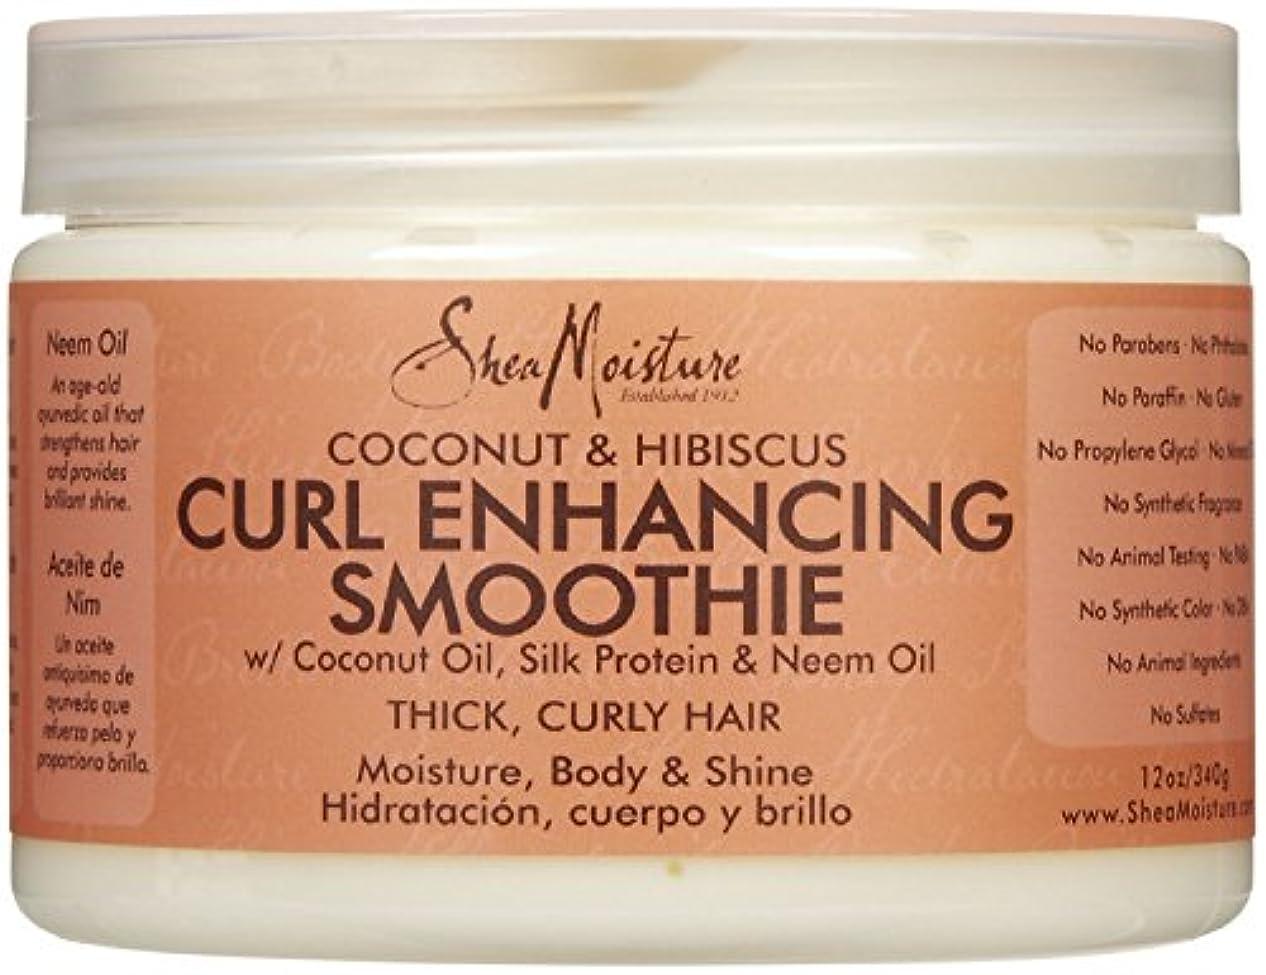 ボトル重量電話するシーモイスチャー Shea Moisture Coconut Hibiscus Curl Enhancing Smoothie ヘアトリートメント